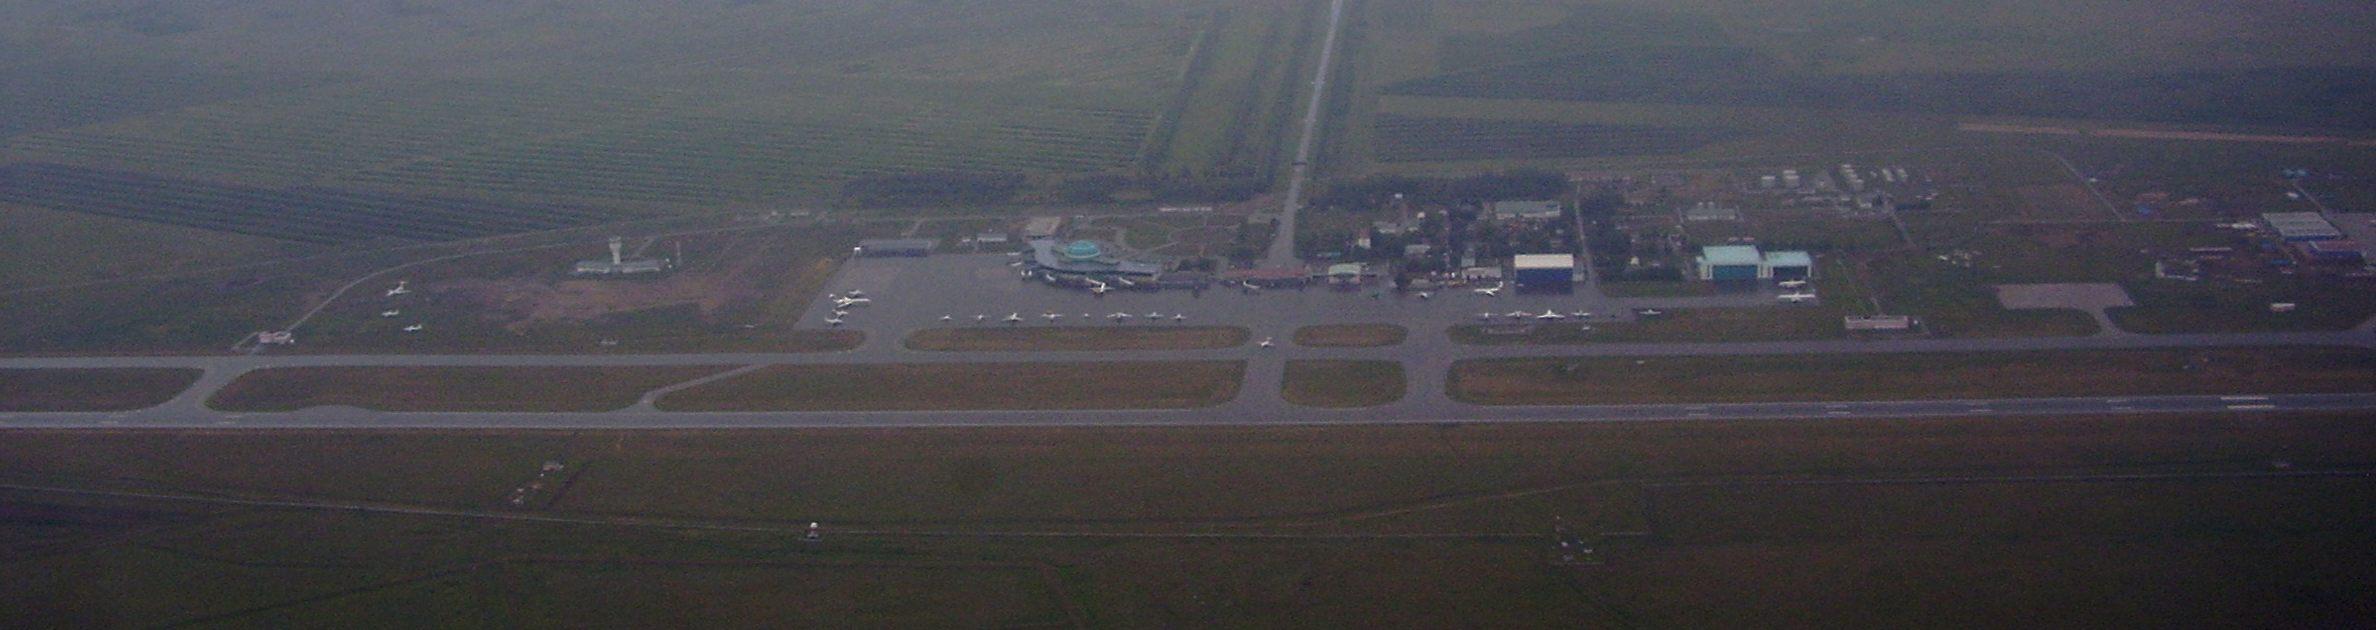 فرودگاه بینالمللی آستانه